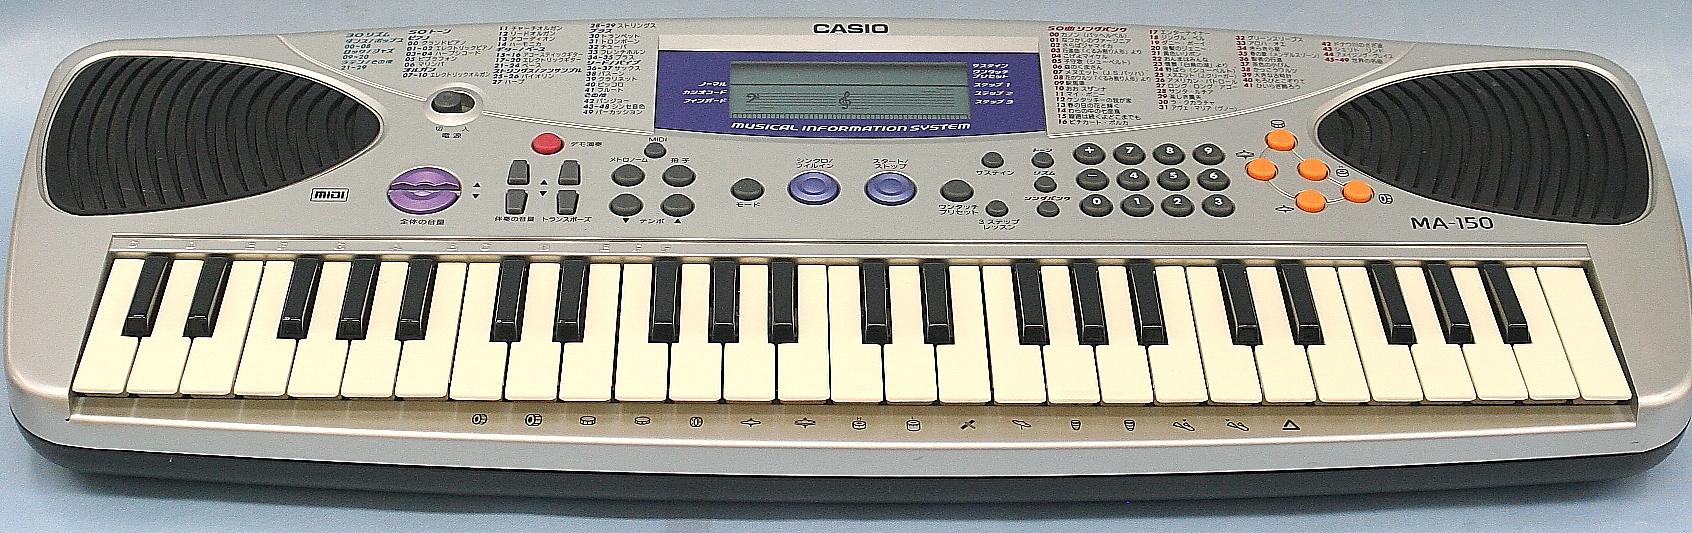 CASIO ミニキーボード MA-150